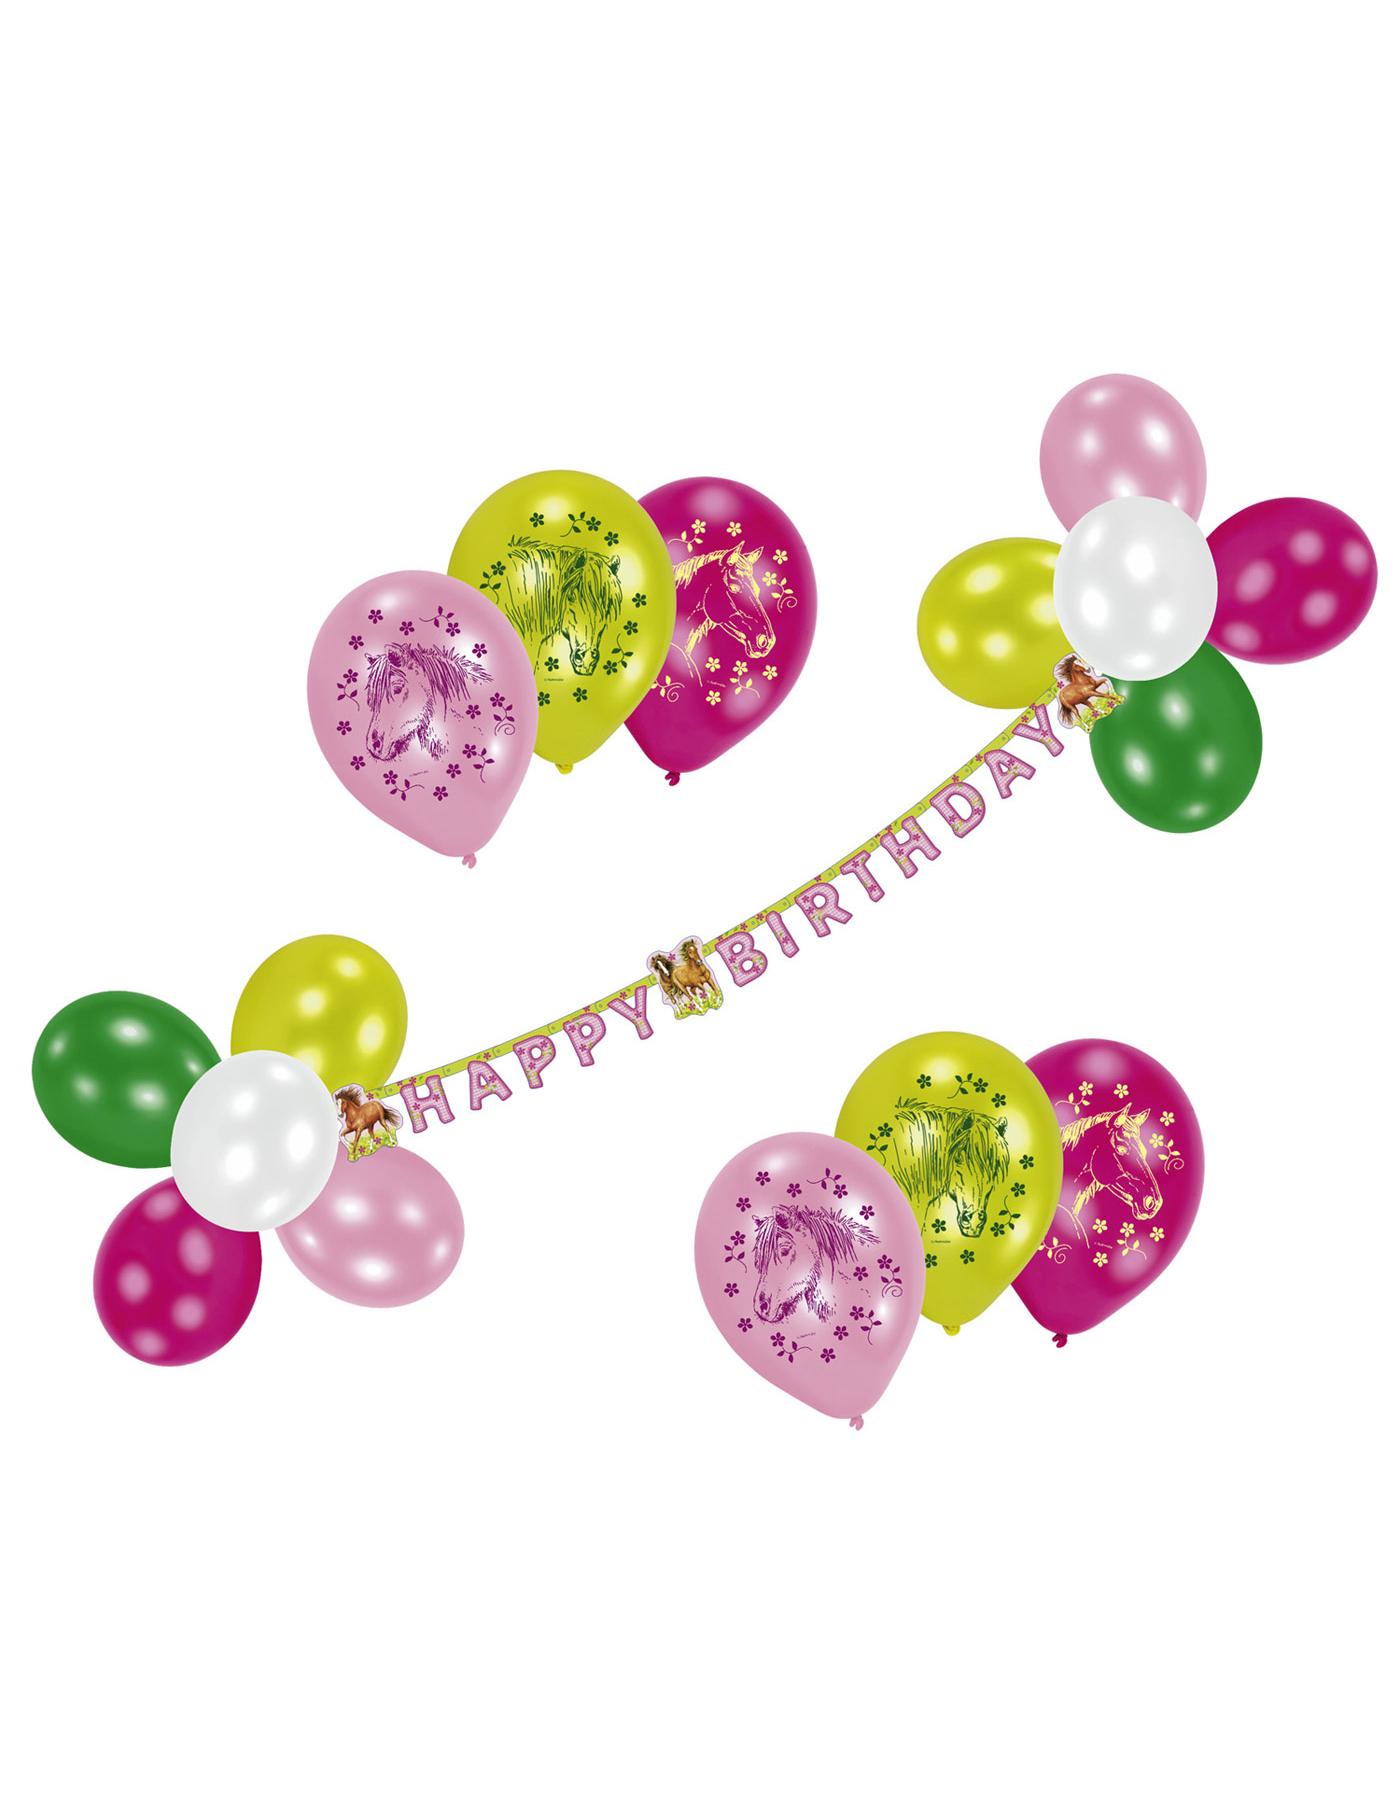 Geburtstagsdekoration pferd deko und g nstige Geburtstagsdekoration